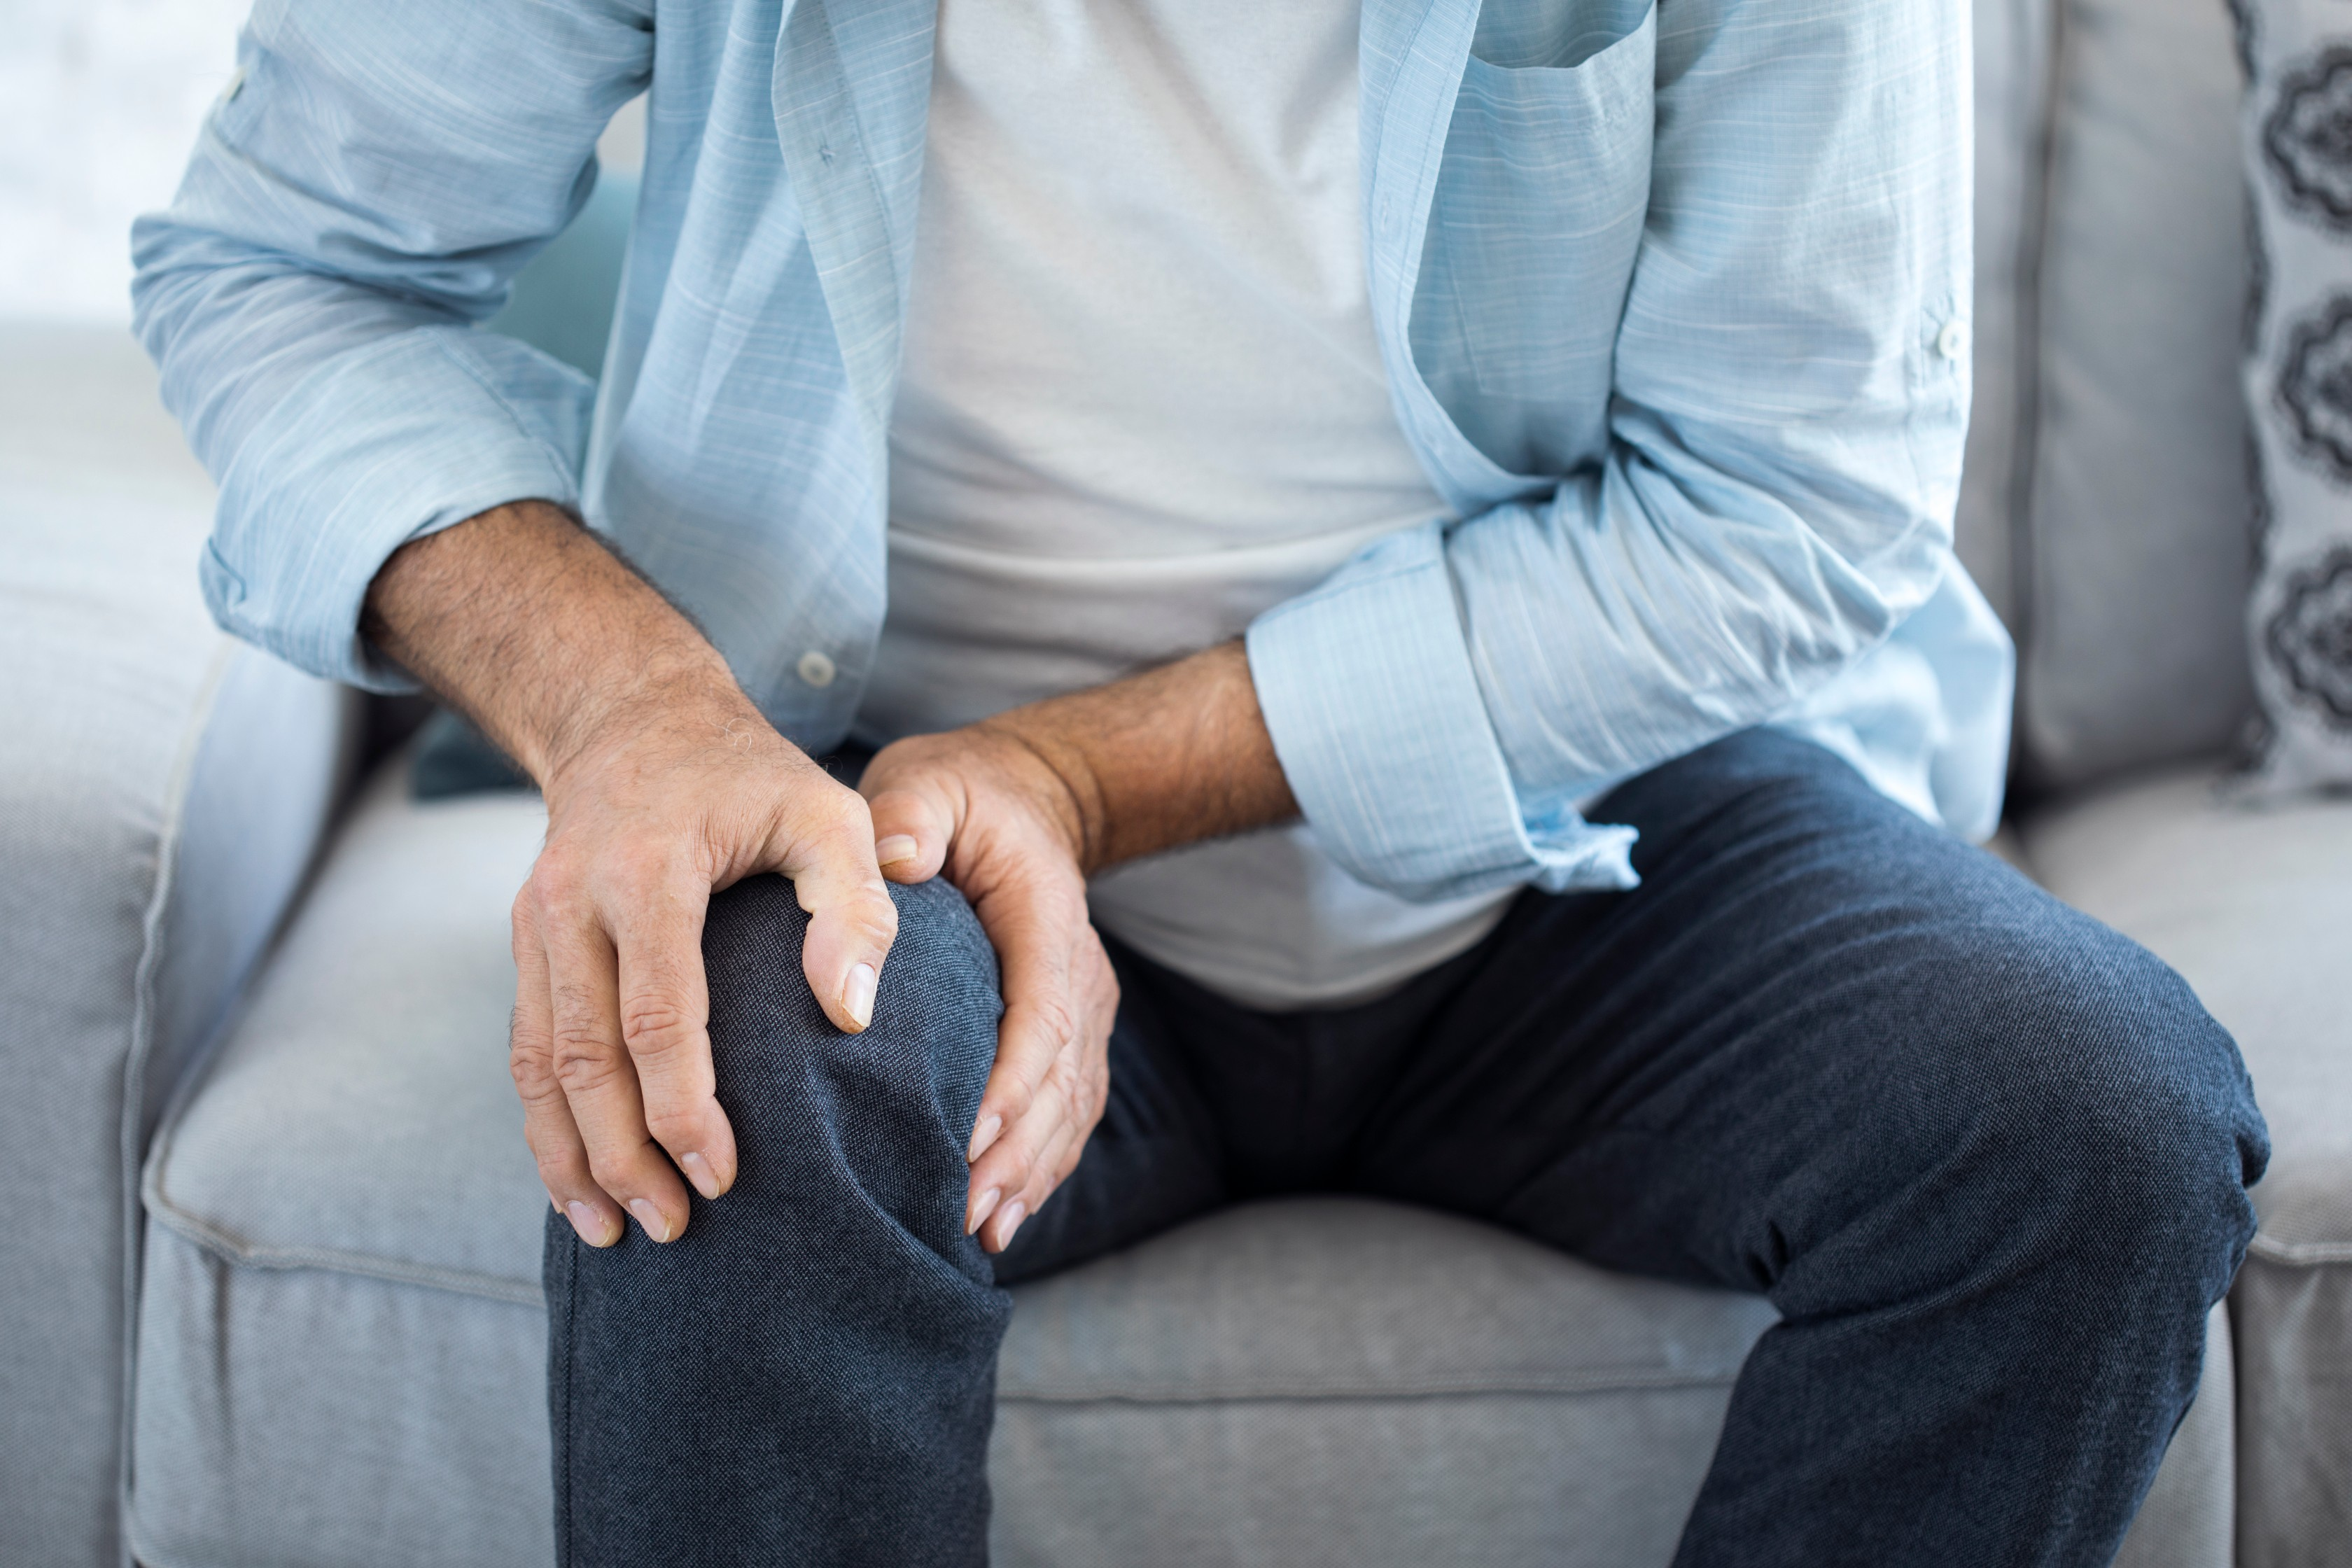 segít az ízületi fájdalmak esetén a kis ízületek fájnak